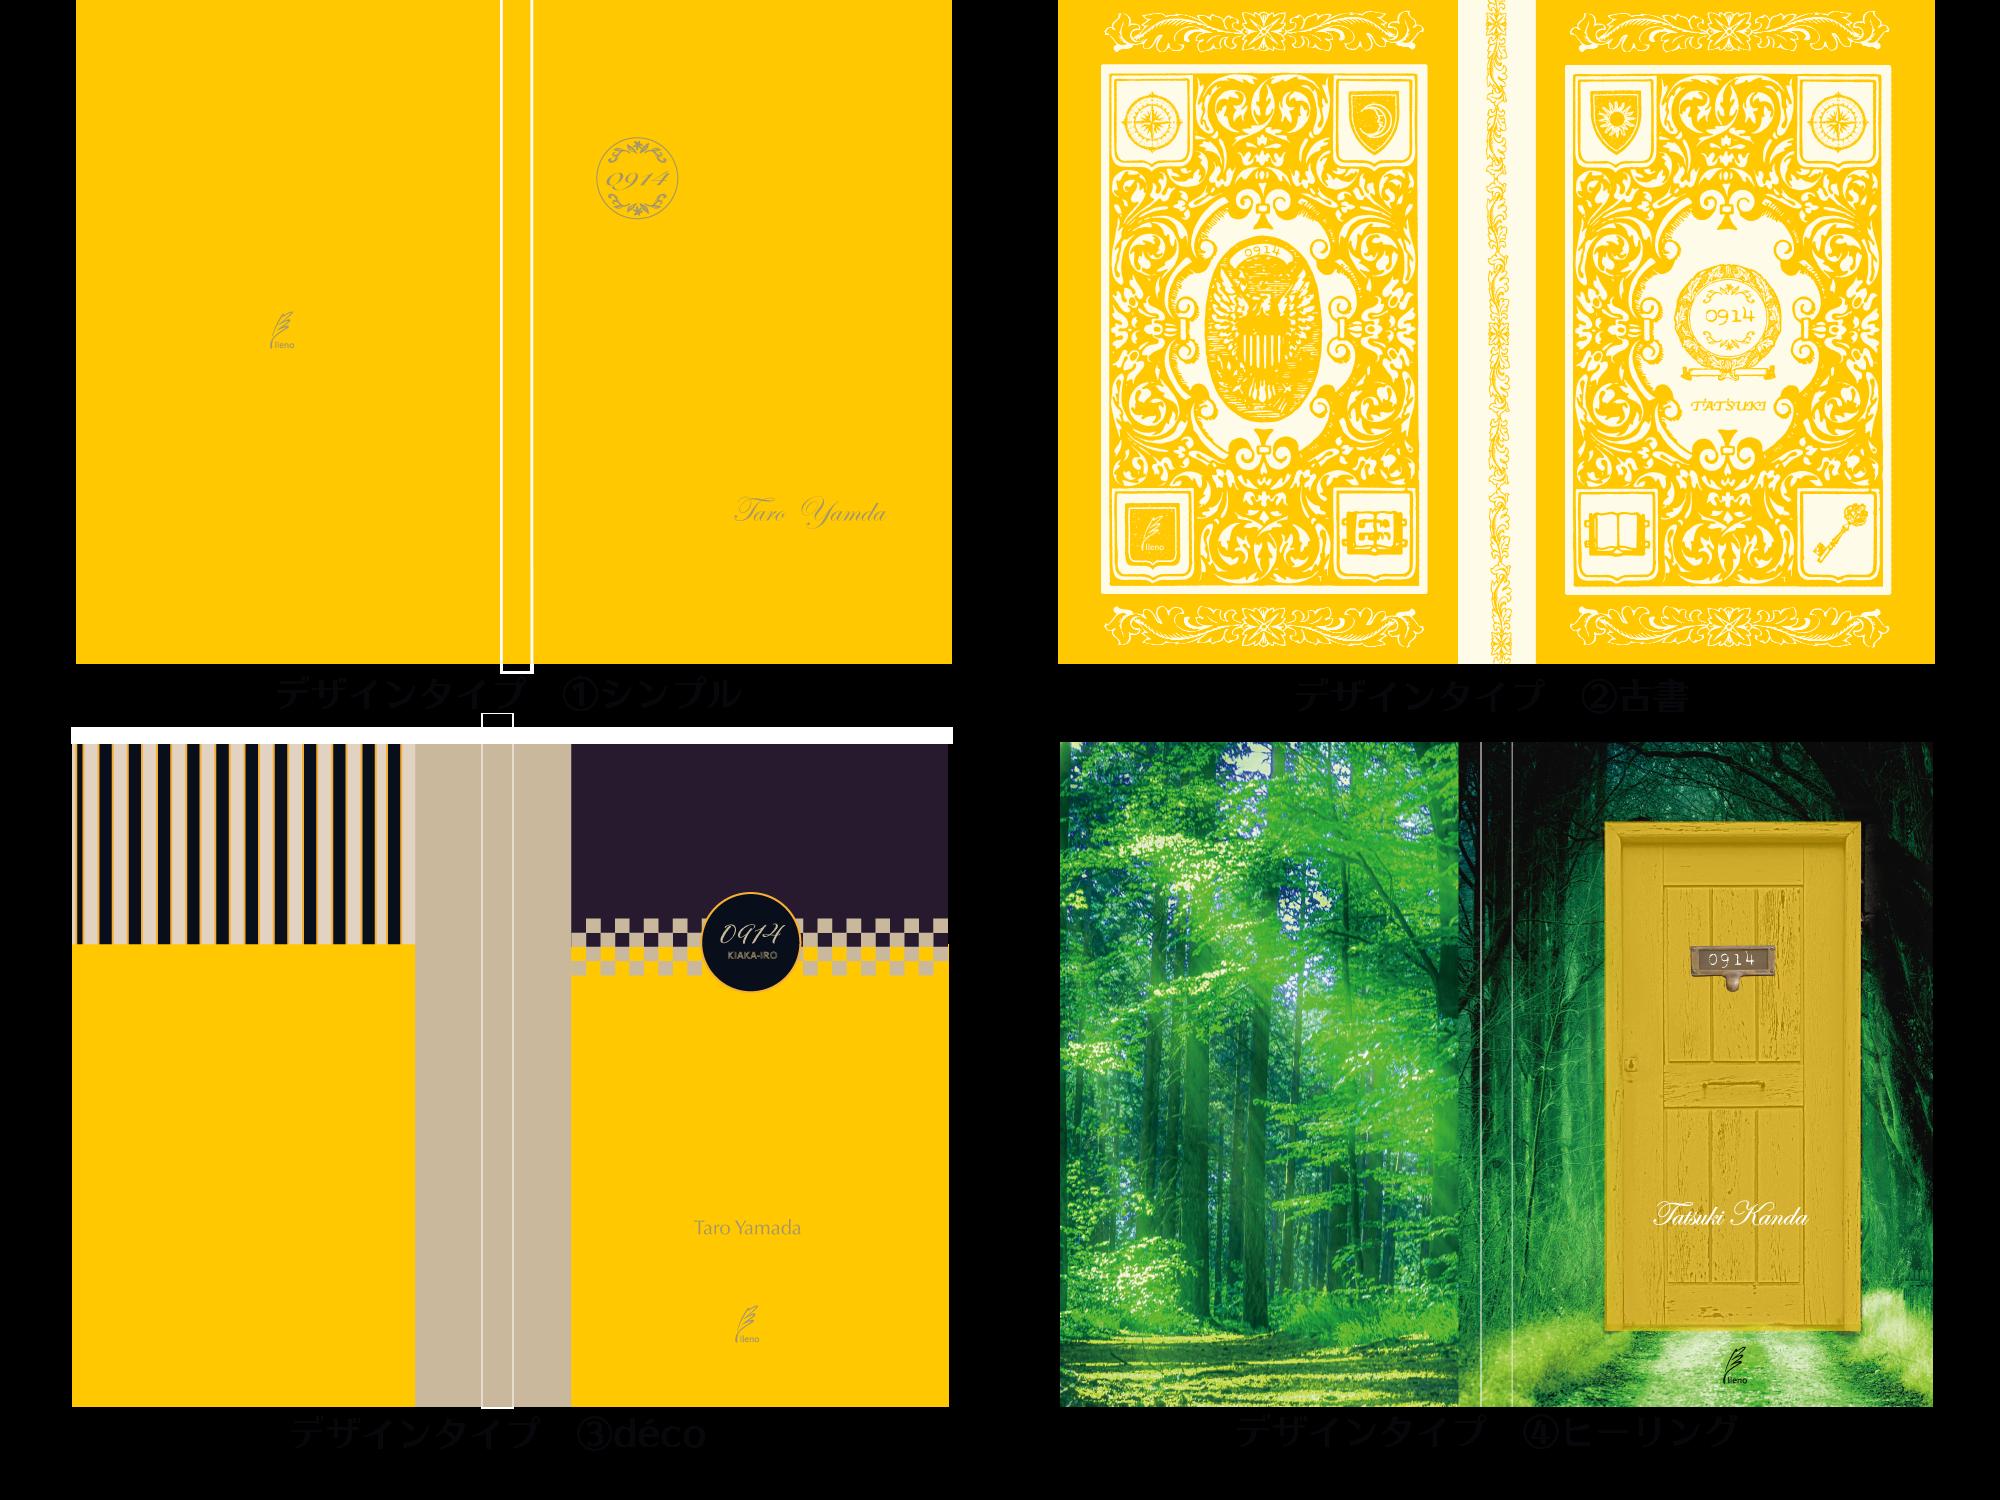 運命のノート『9月14日 黄赤色』(鑑定&メッセージカード付)